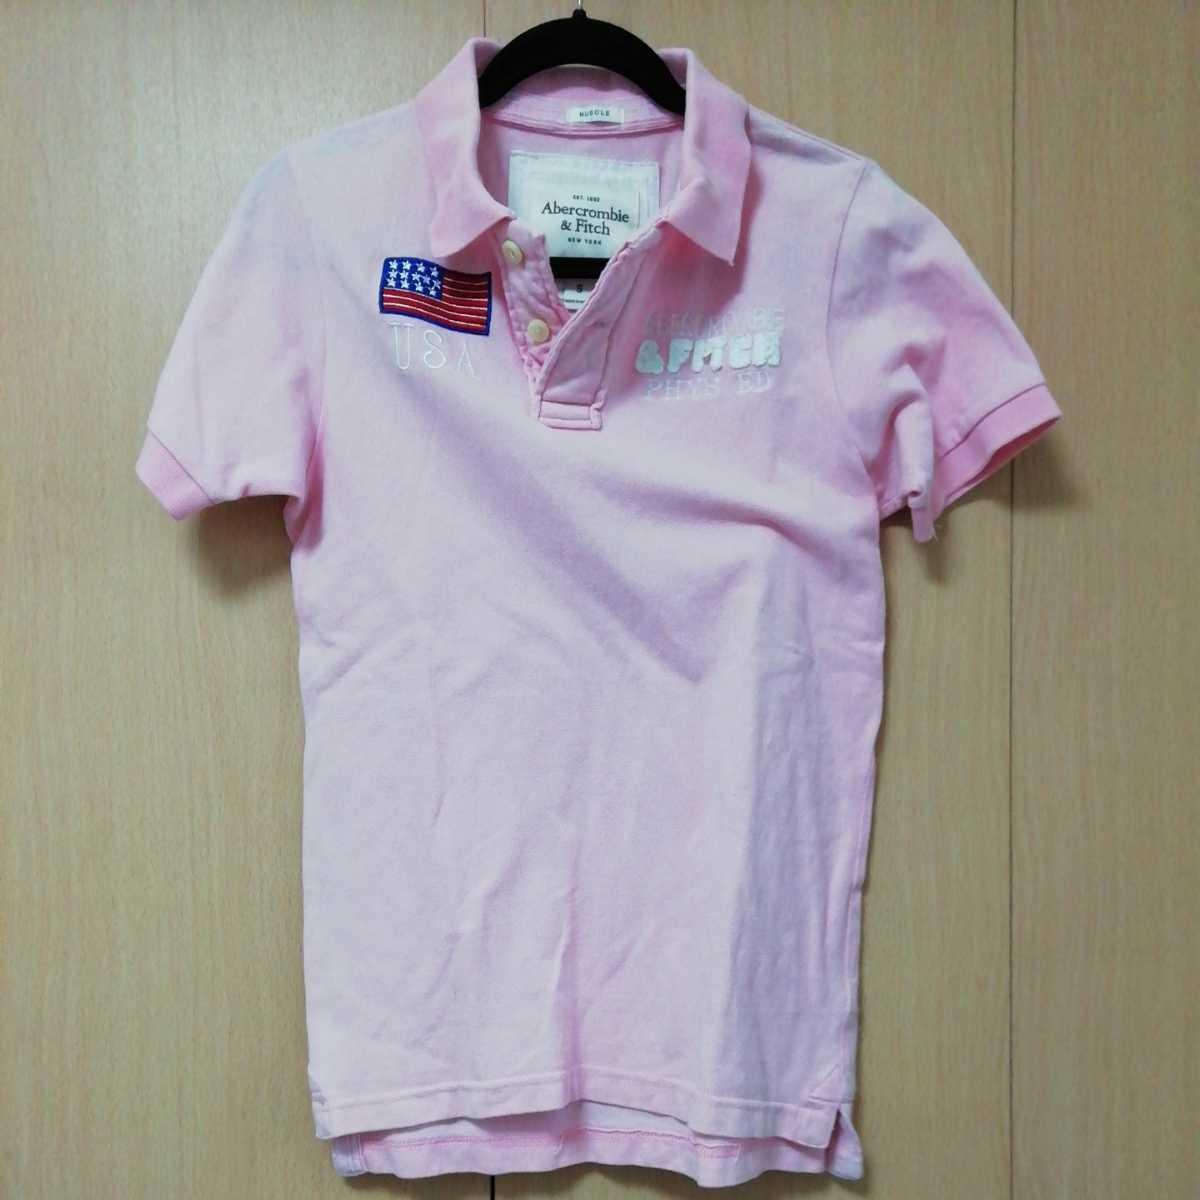 アバクロンビー&フィッチ 半袖ポロシャツ S ピンク